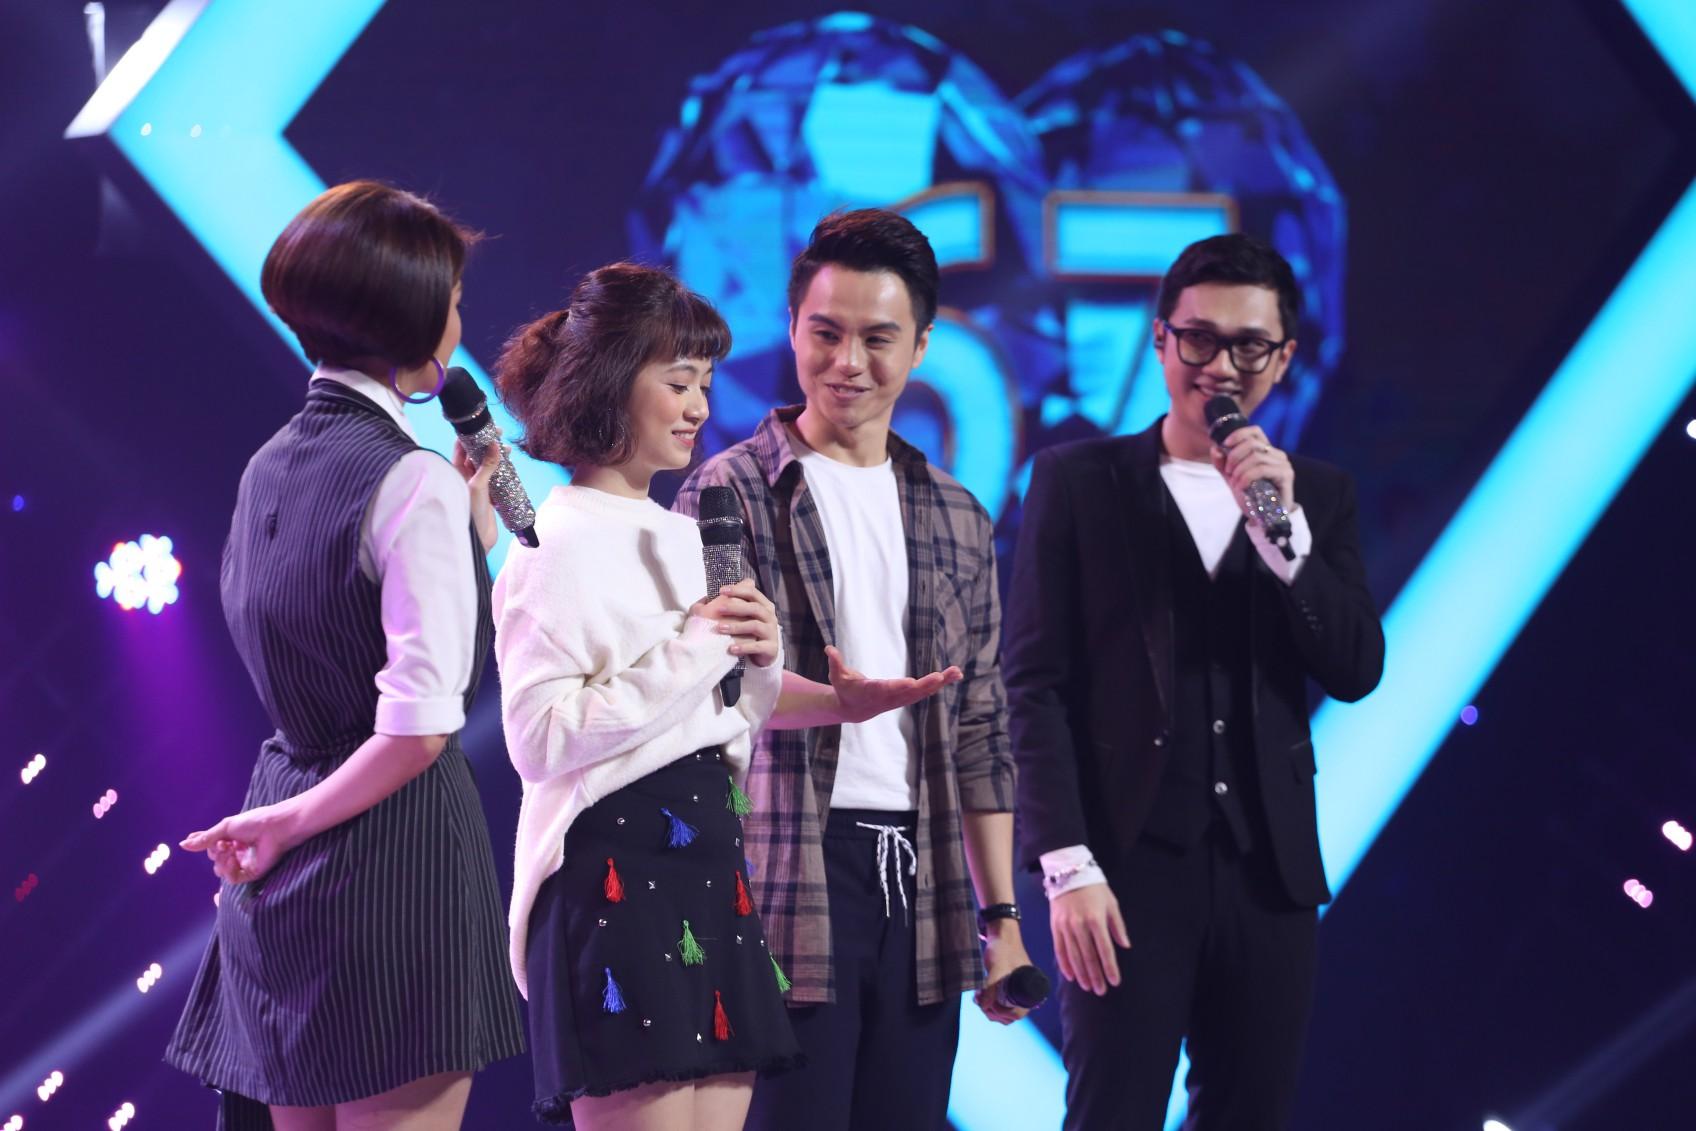 Sau chuyện tình 2 ngày với chàng trai Vì yêu mà đến, Trang Ly tiếp tục xuất hiện trong show hẹn hò mới - Ảnh 2.